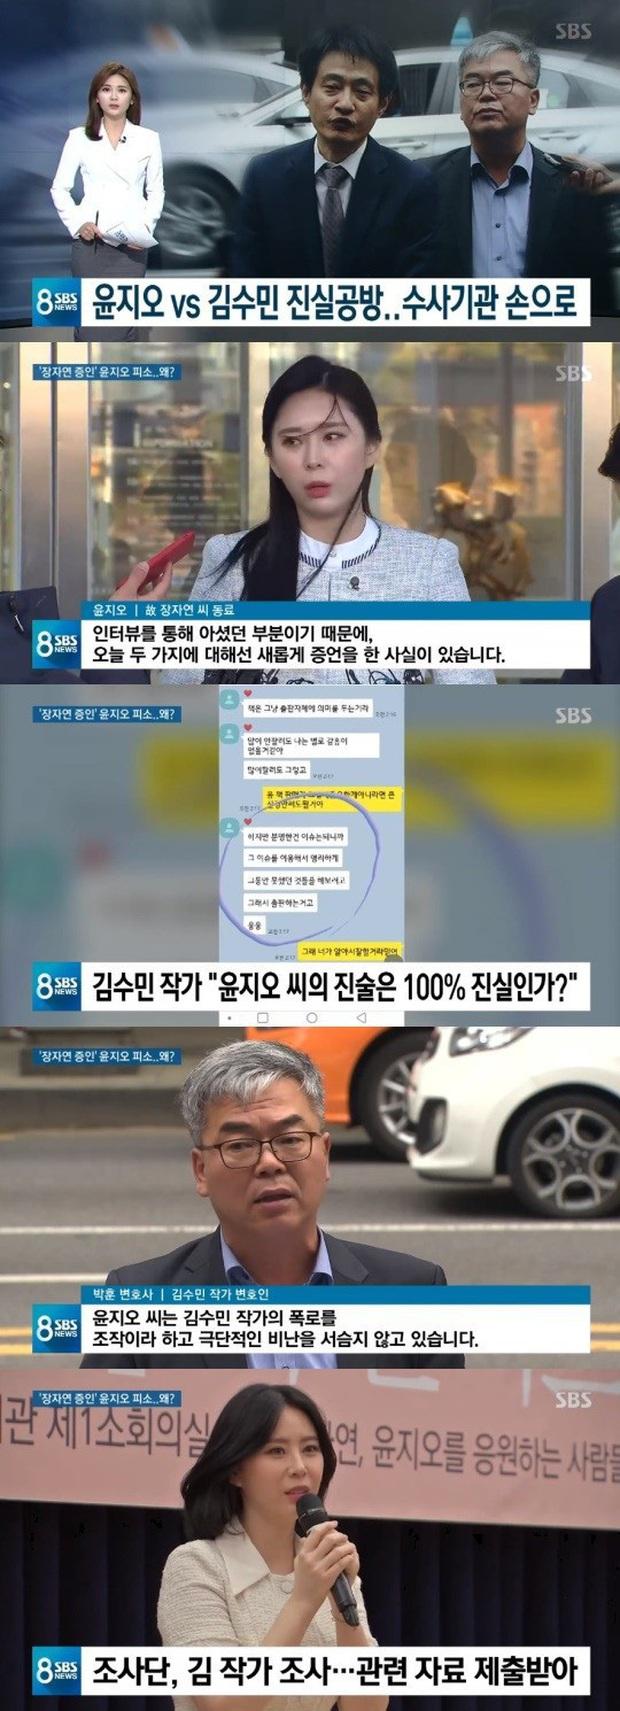 4 scandal có plot twist chấn động Kbiz 2019: Ahn - Goo, Seungri và vụ sao nữ Vườn sao băng tự tử đều gây xôn xao dư luận - Ảnh 11.